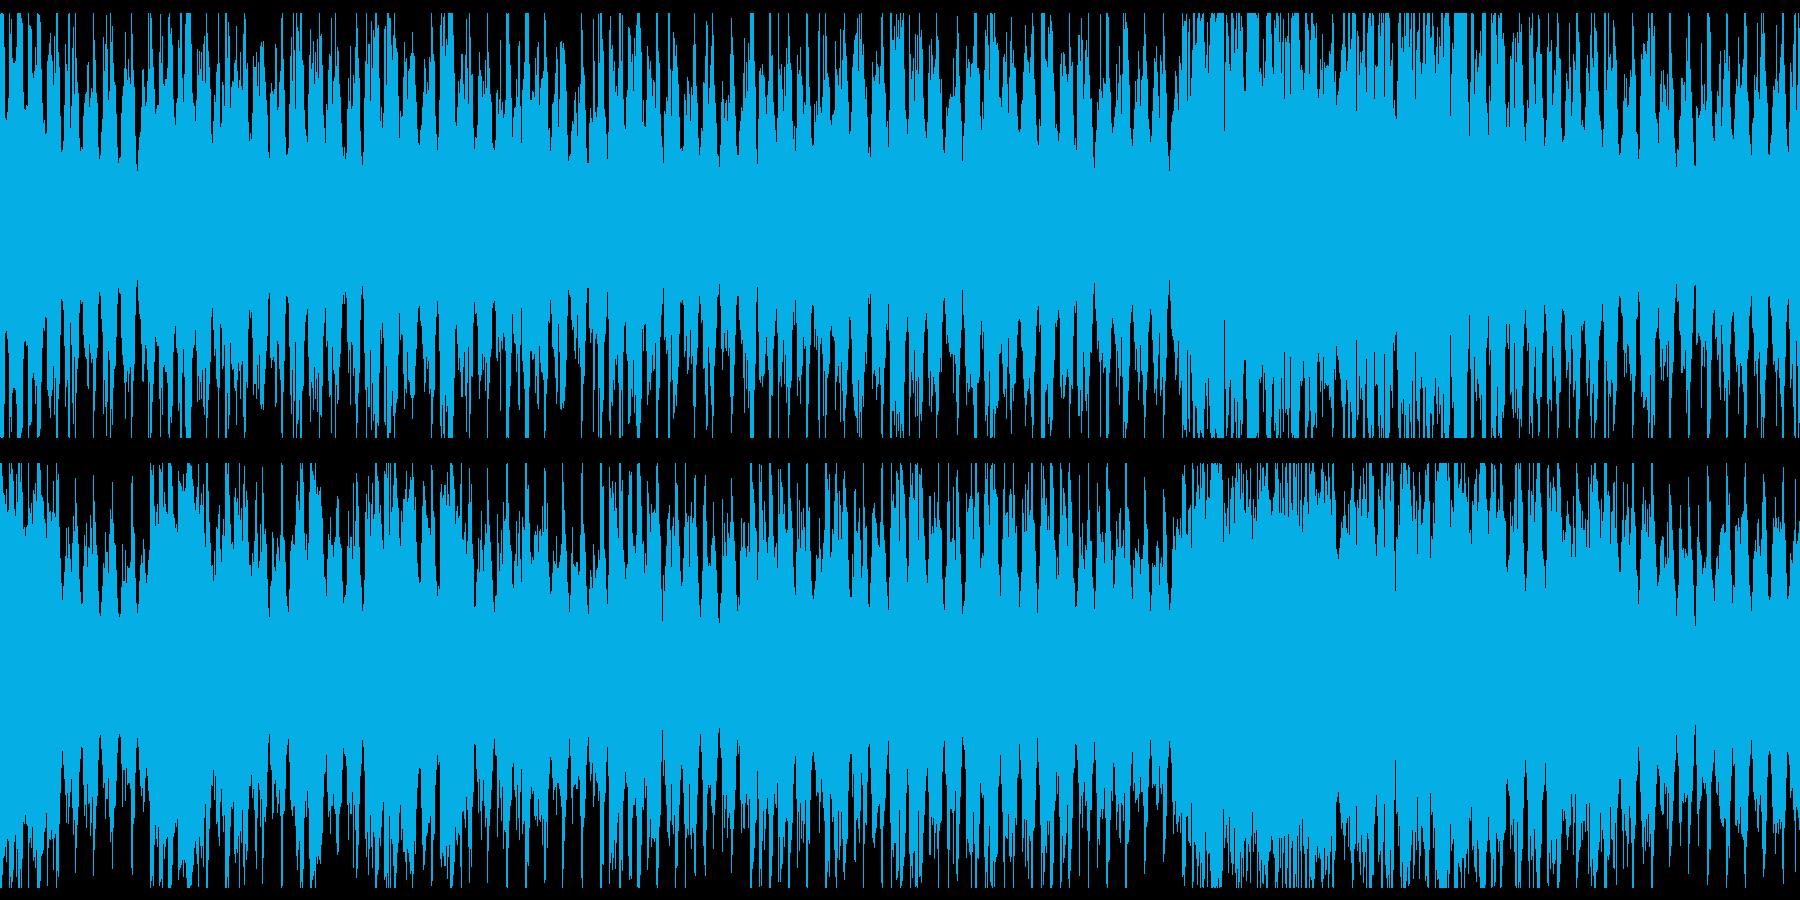 三味線・琴・尺八の神々しい和風4つ打ち曲の再生済みの波形